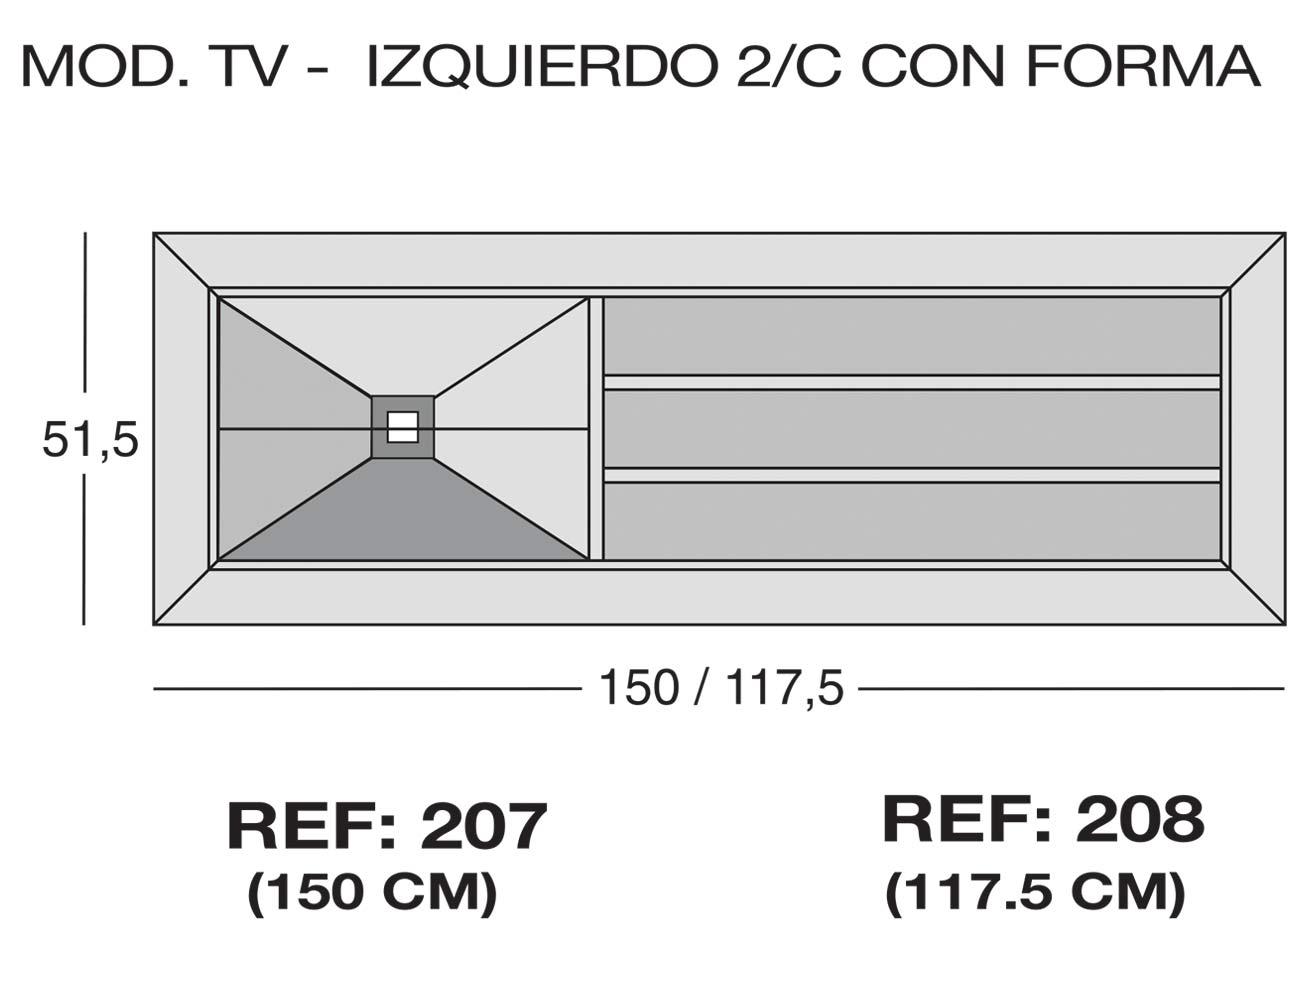 Modulo tv izquierdo 2c forma 207 2081